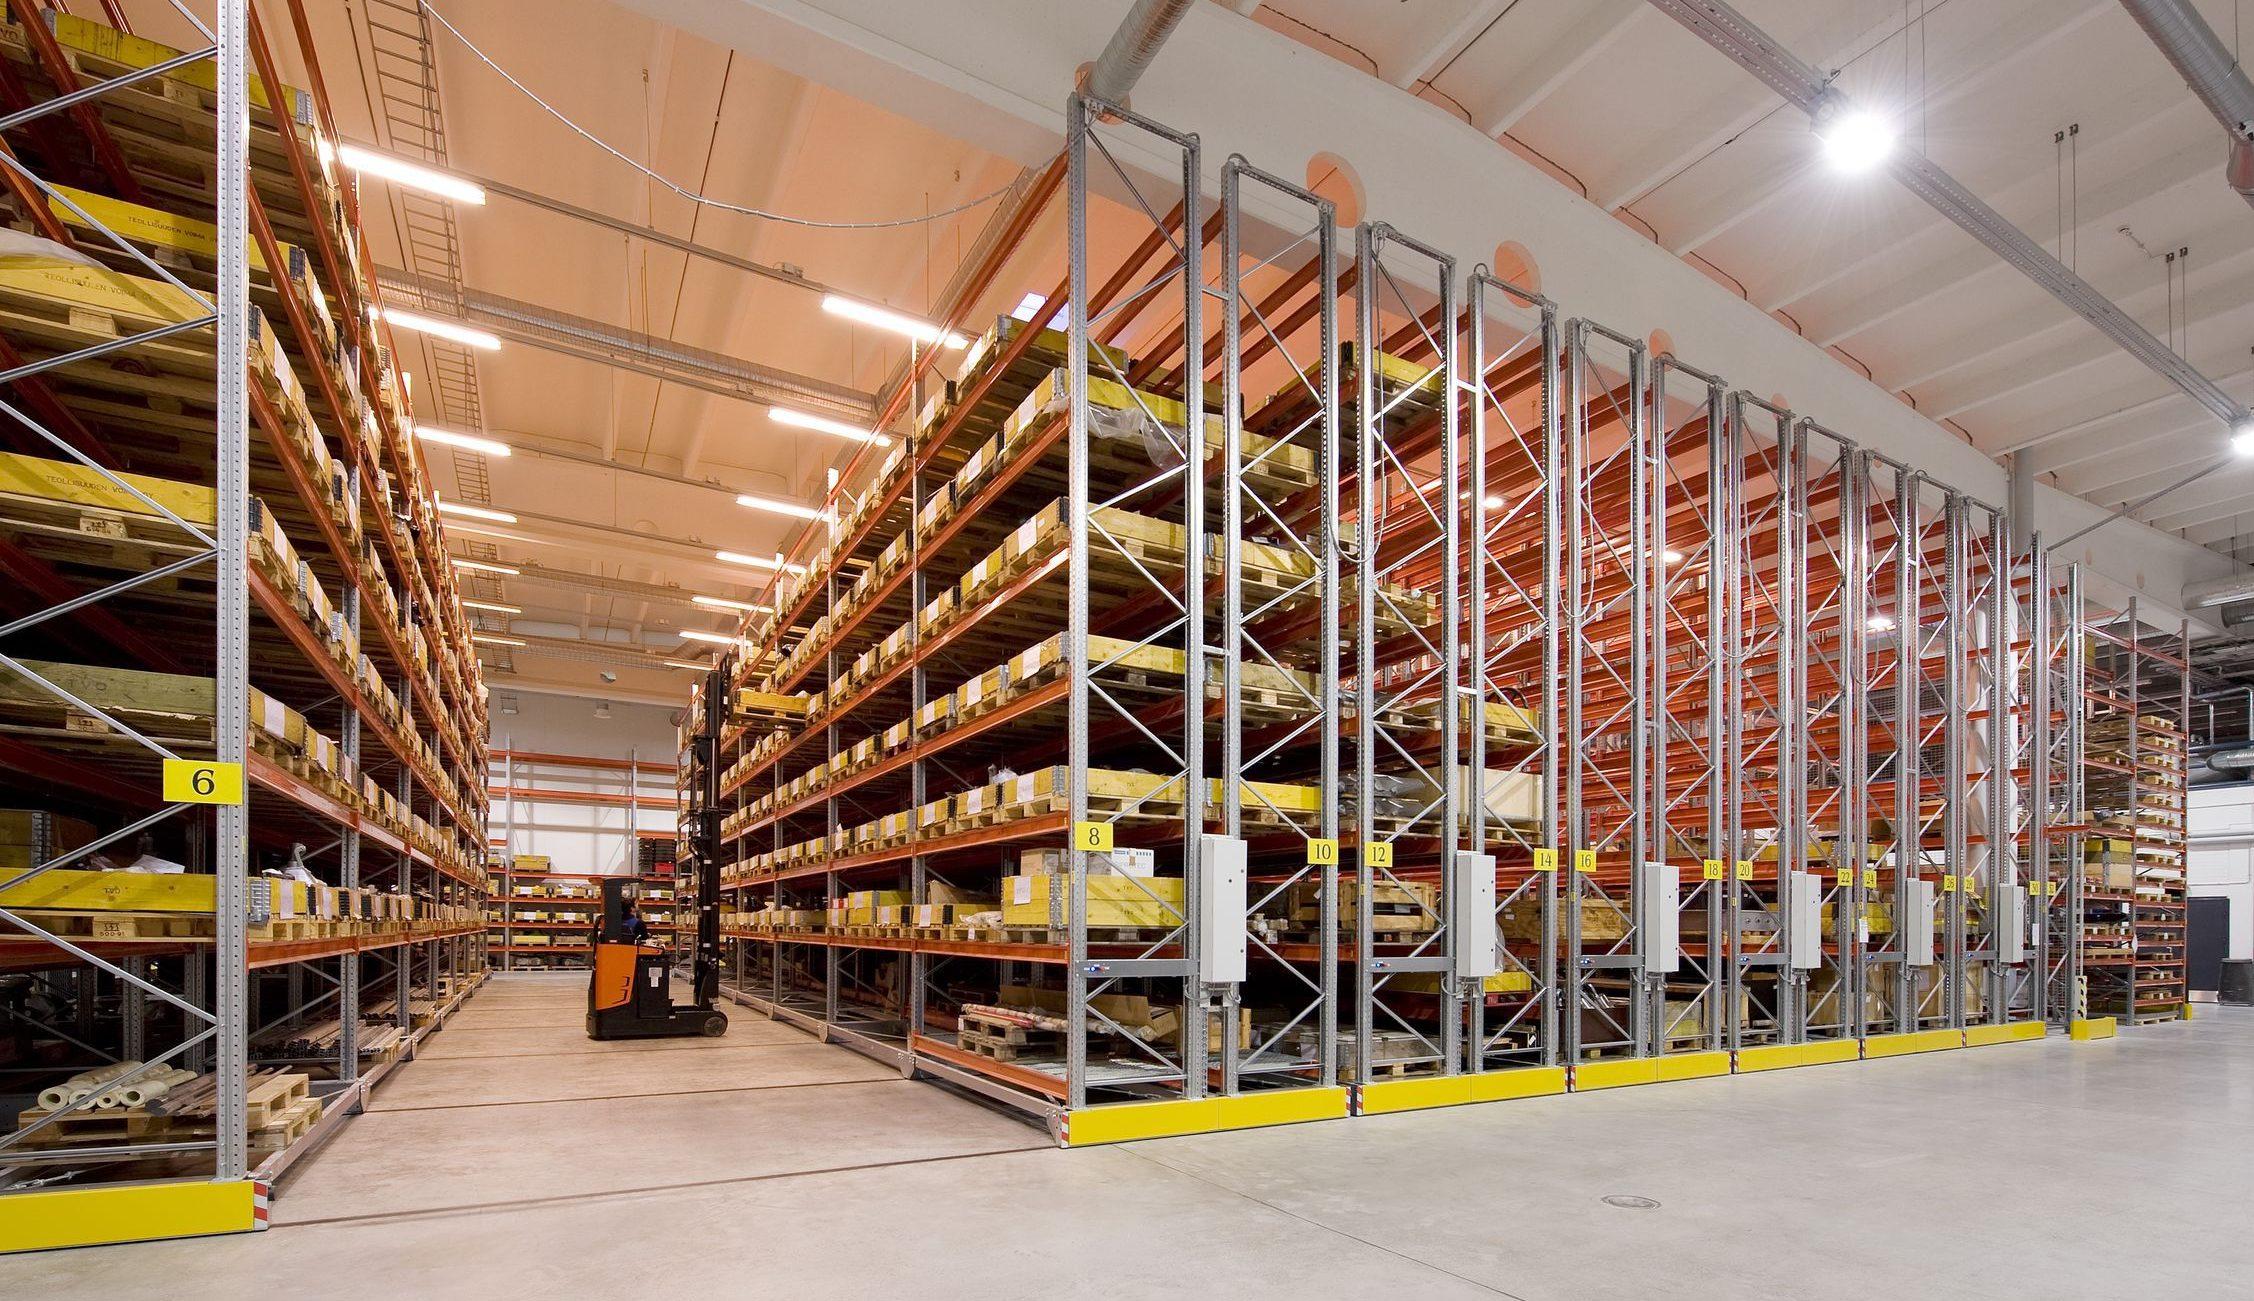 Tárolási technológiák 6. – Gördíthető állványos tárolás